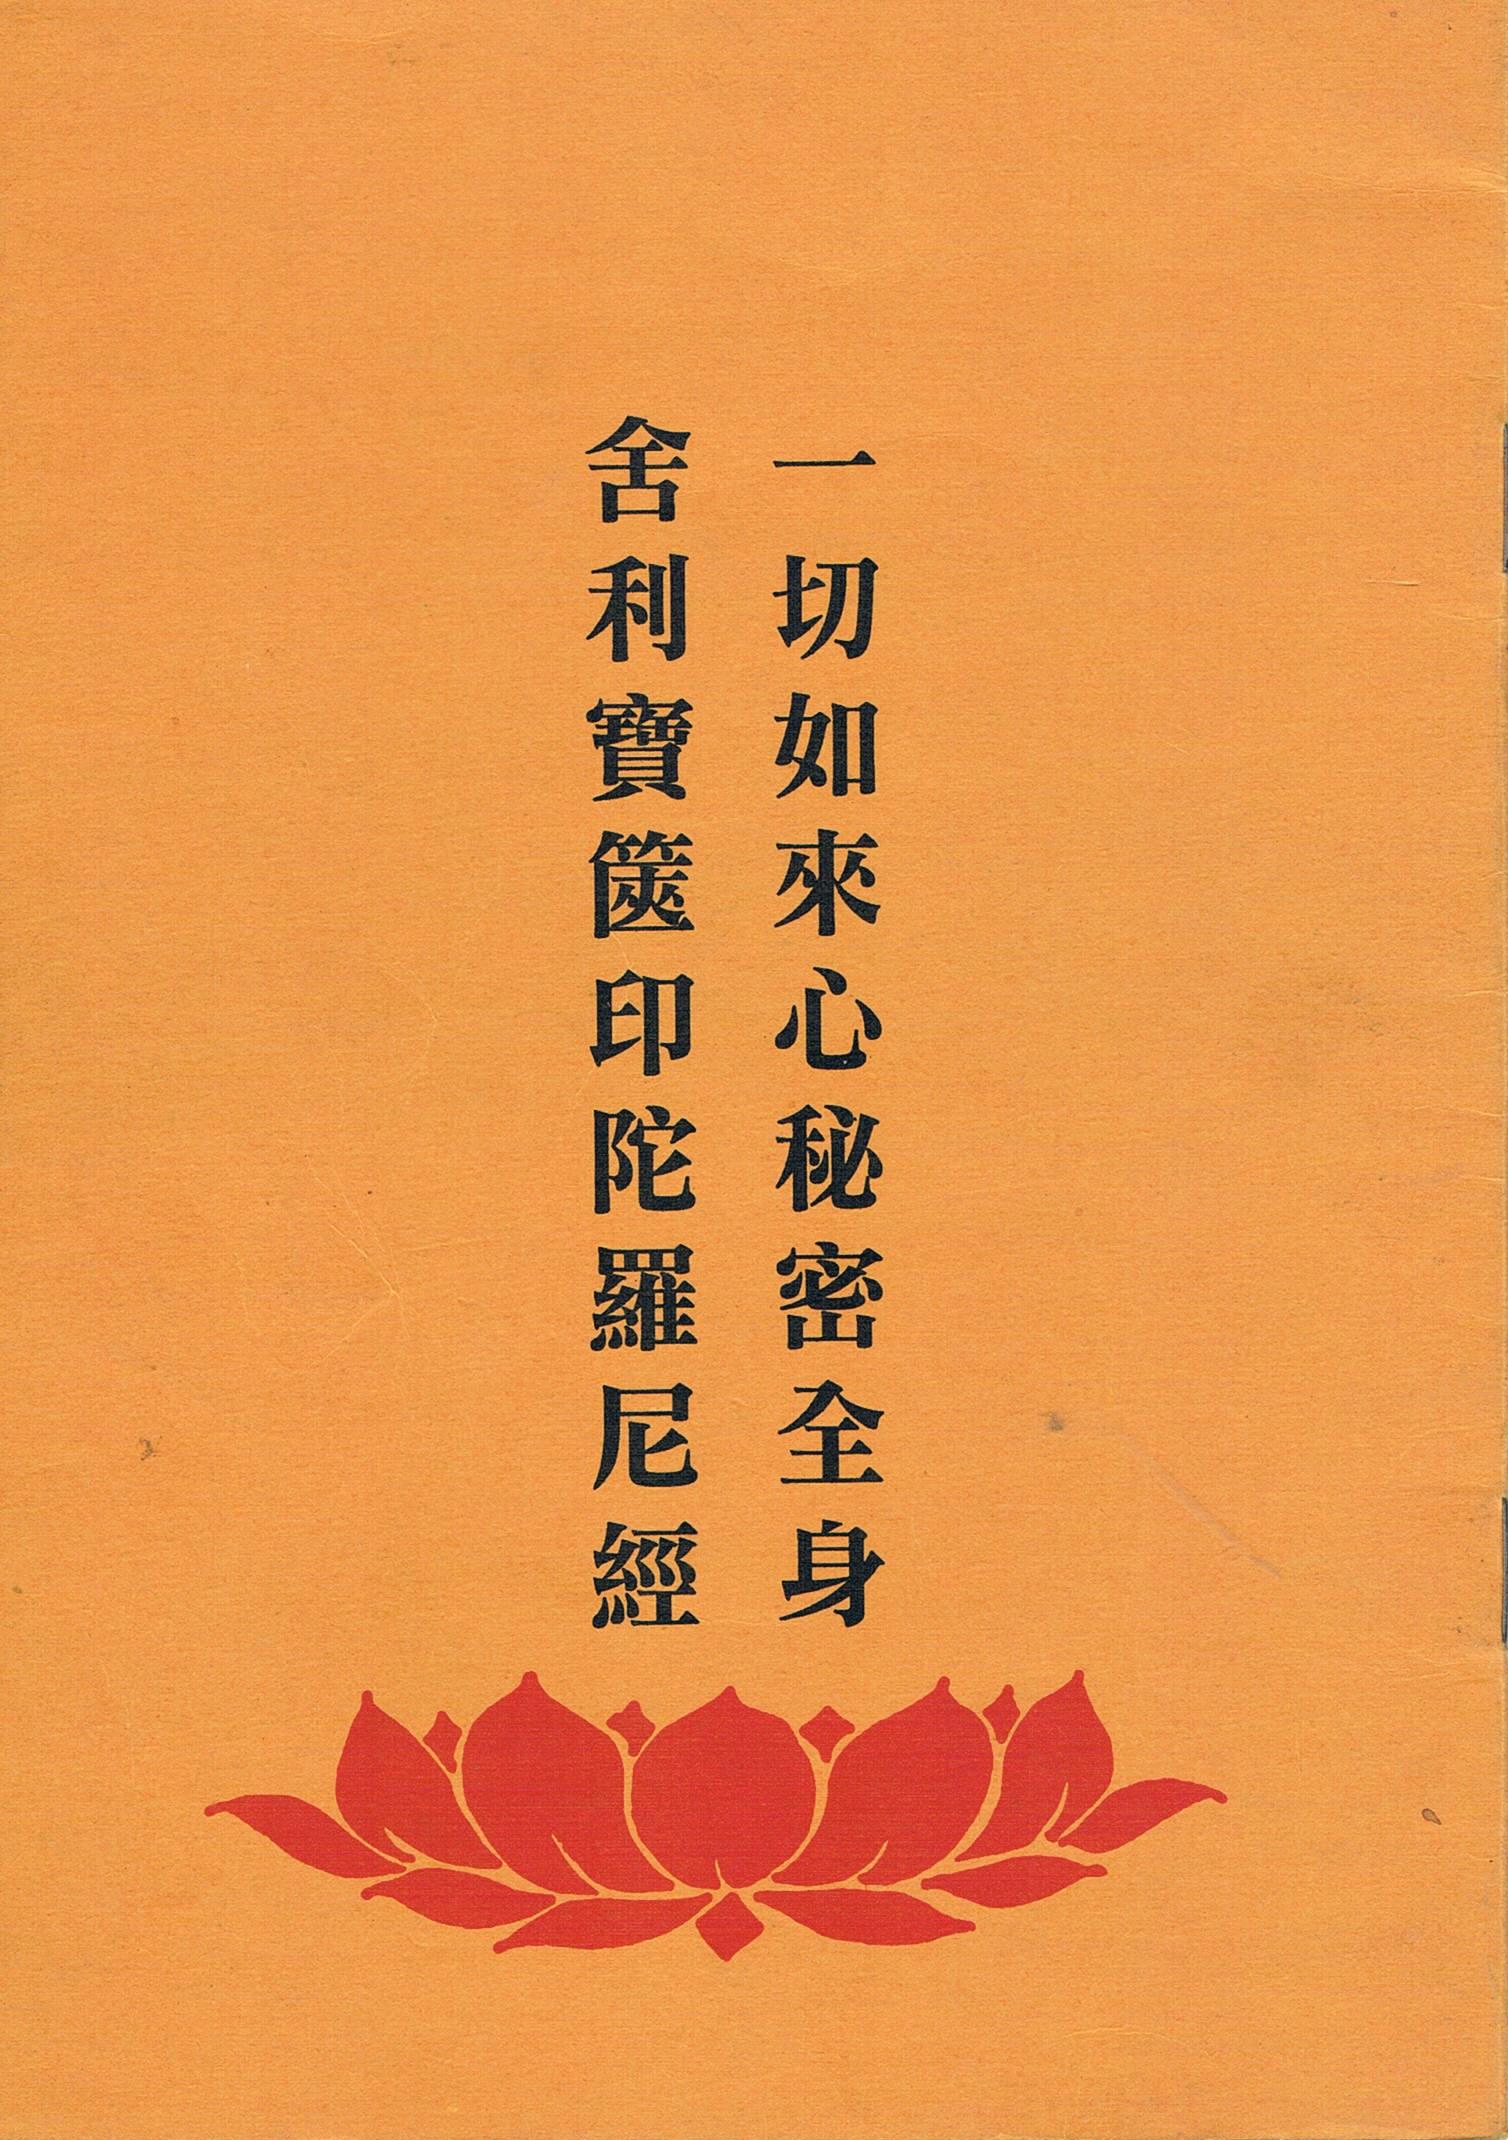 書籍介紹 | 宏大印刷製本公司 GIGANTIC PRINTING & BINDING CO.